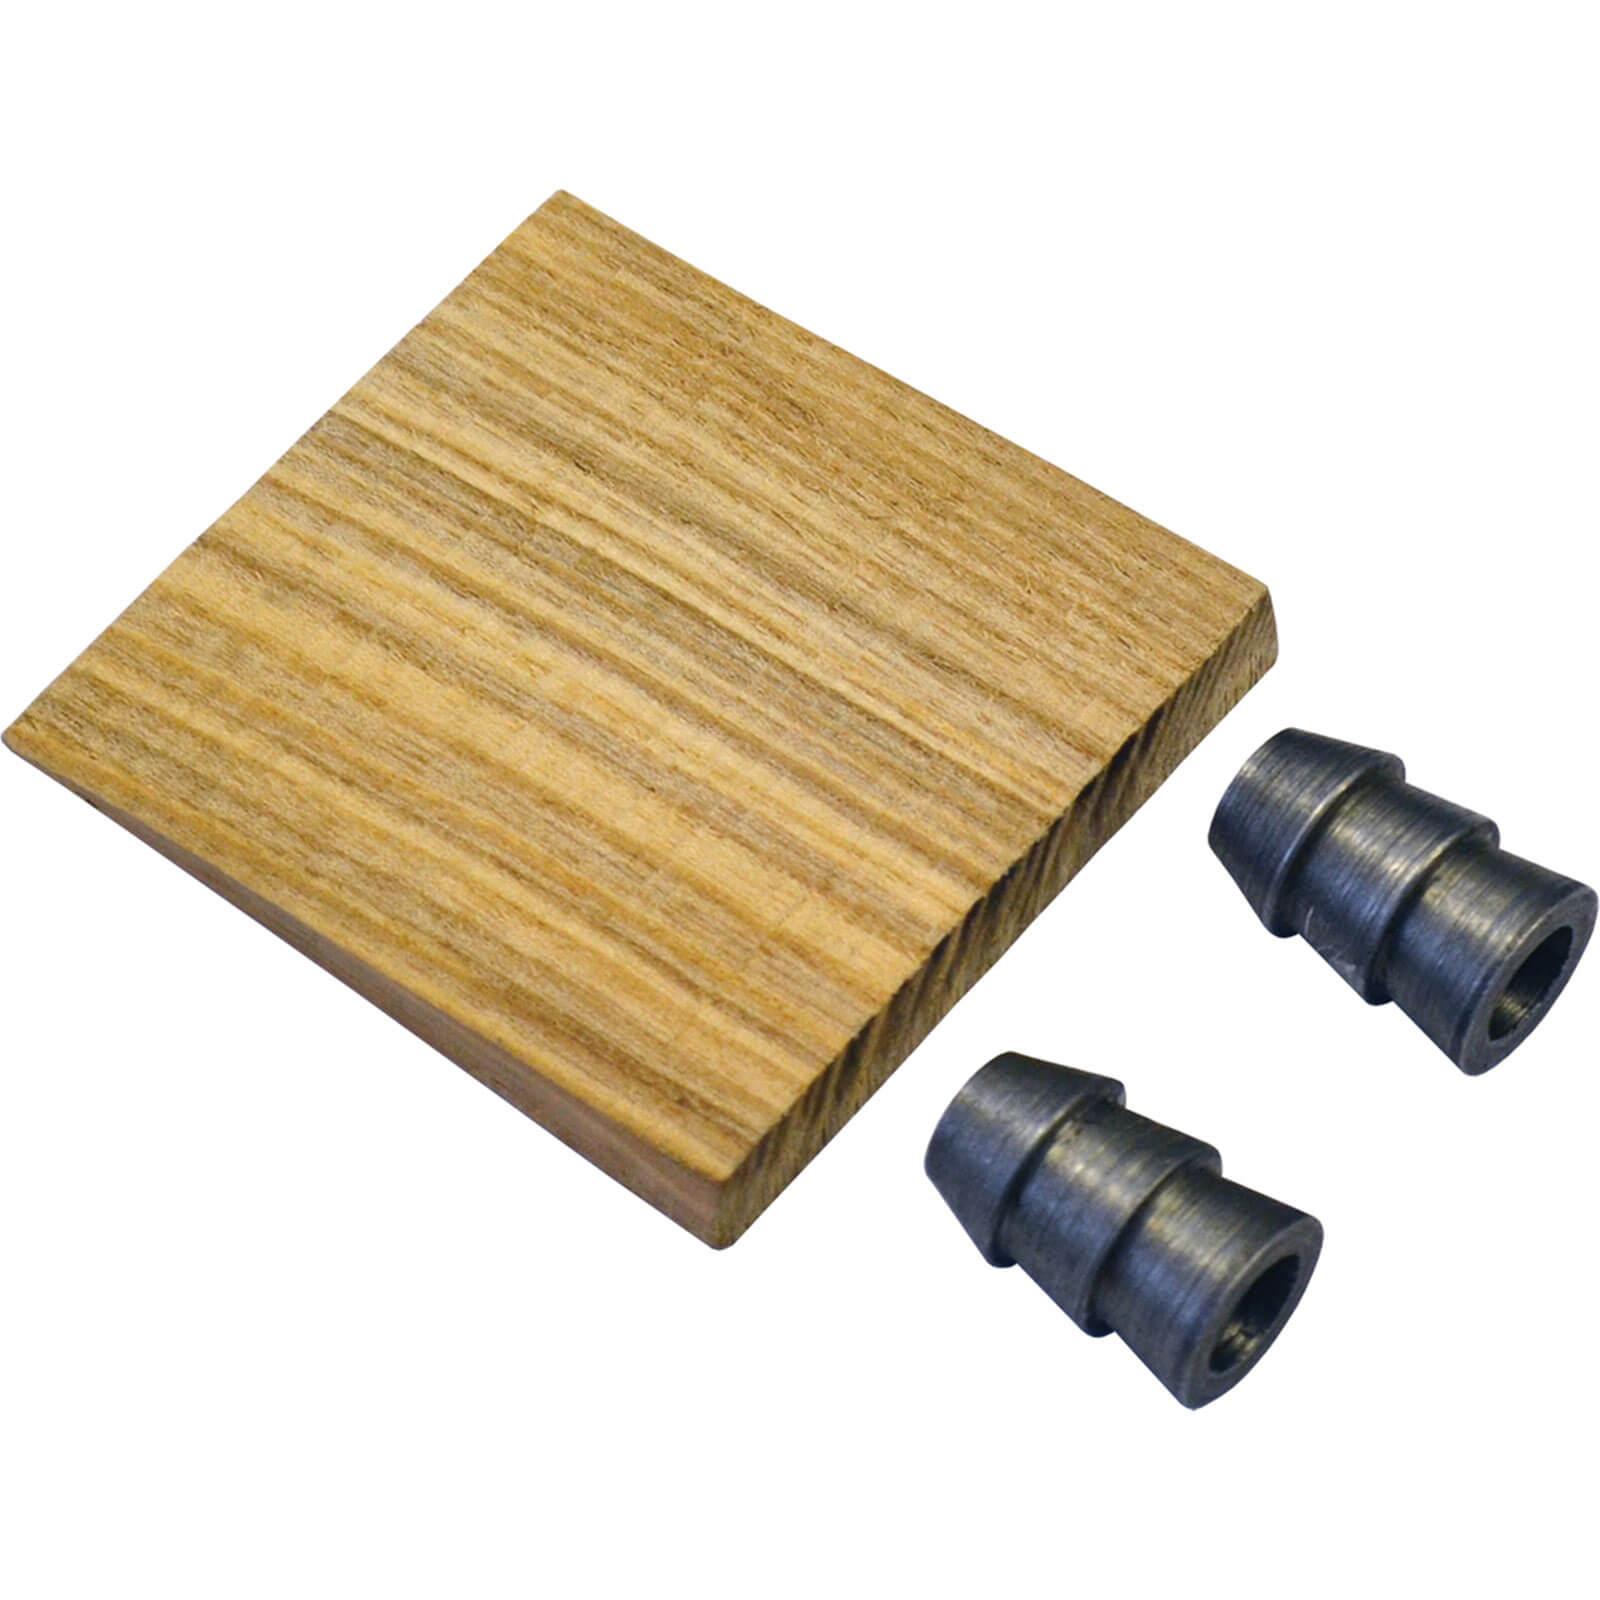 Image of Faithfull Hammer Wedges & Timber Wedges Size 5